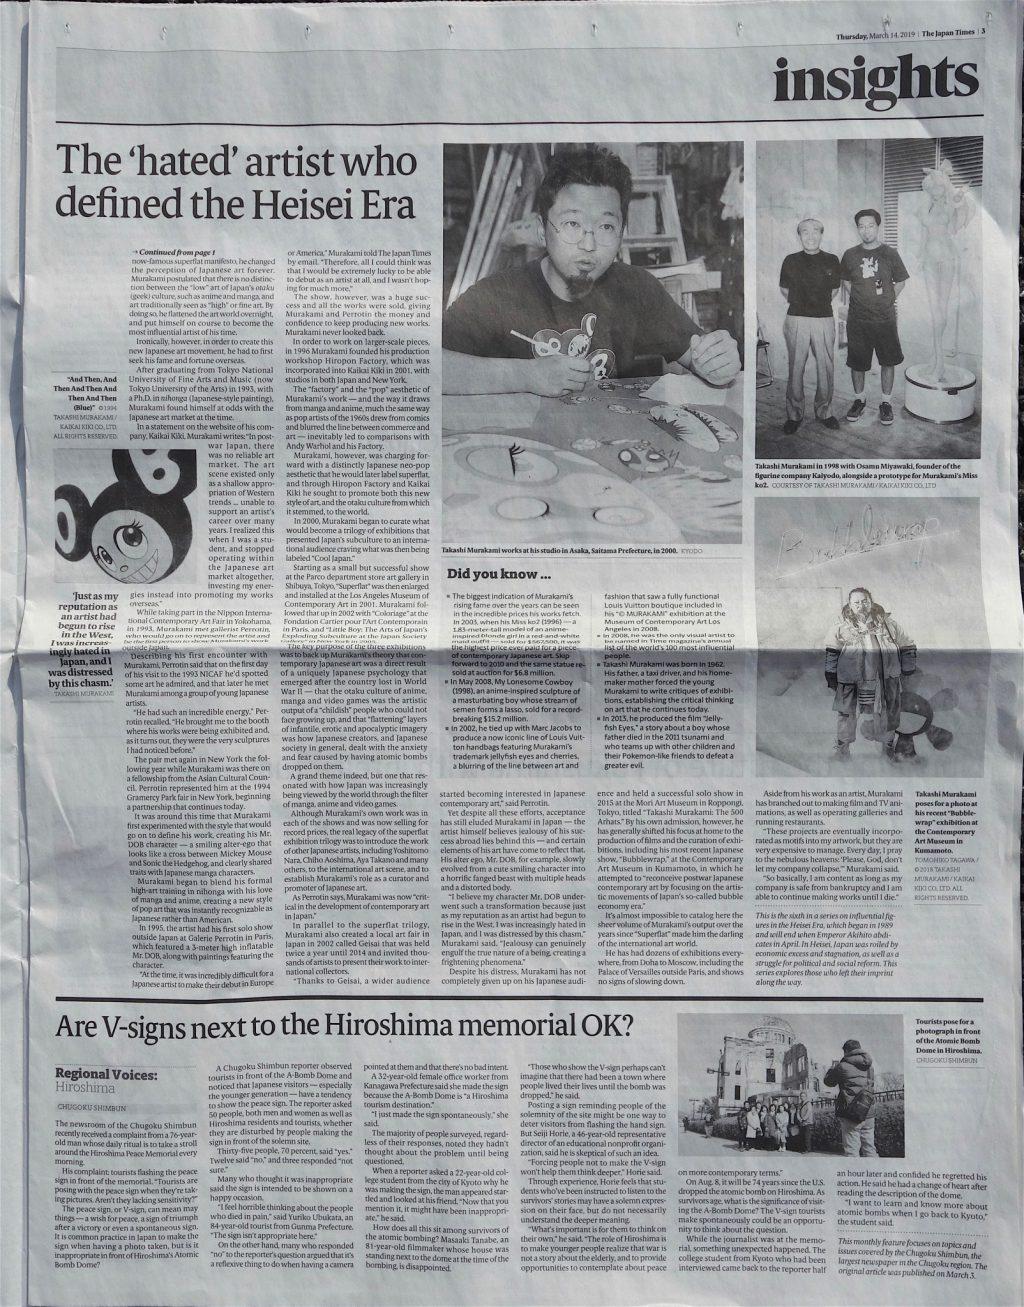 村上隆 MURAKAMI Takashi Japan Times, page 3, 2019年3月14年